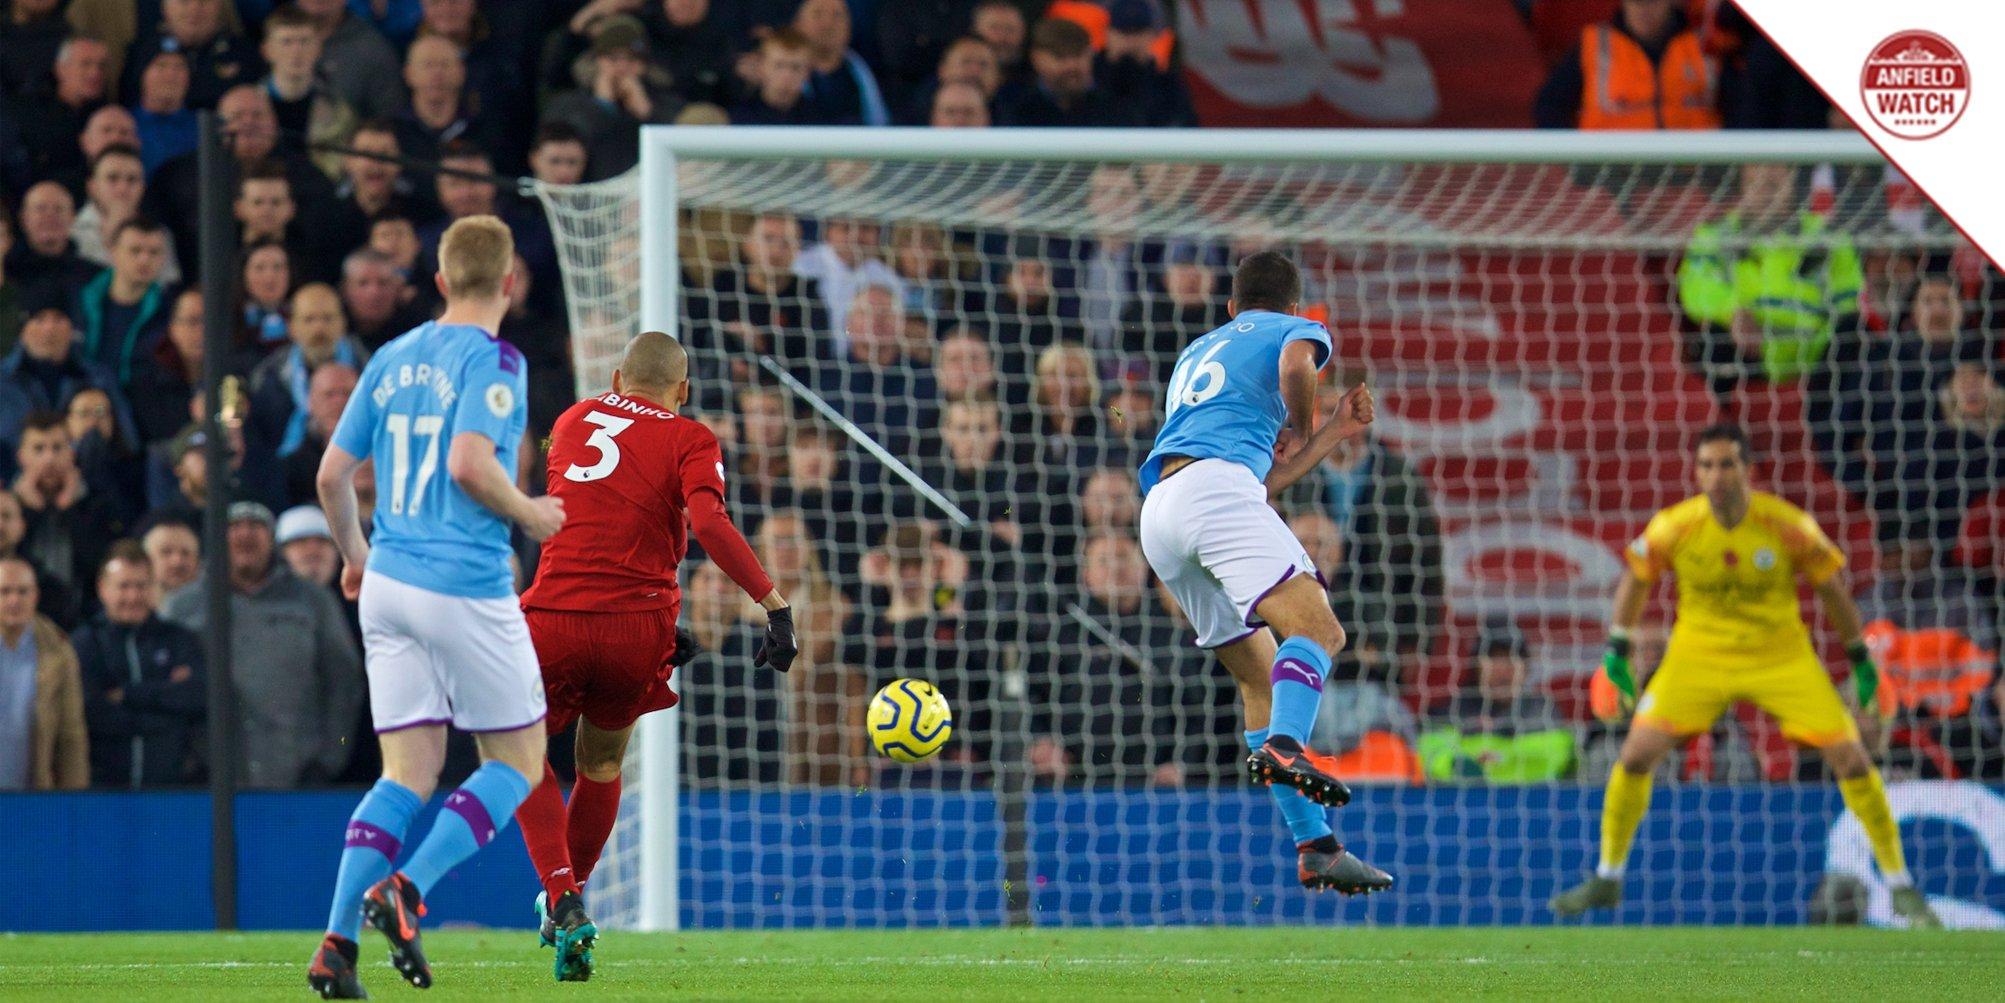 TRỰC TIẾP Liverpool 1-0 Man City: Siêu phẩm mở tỷ số (H1) - Bóng Đá